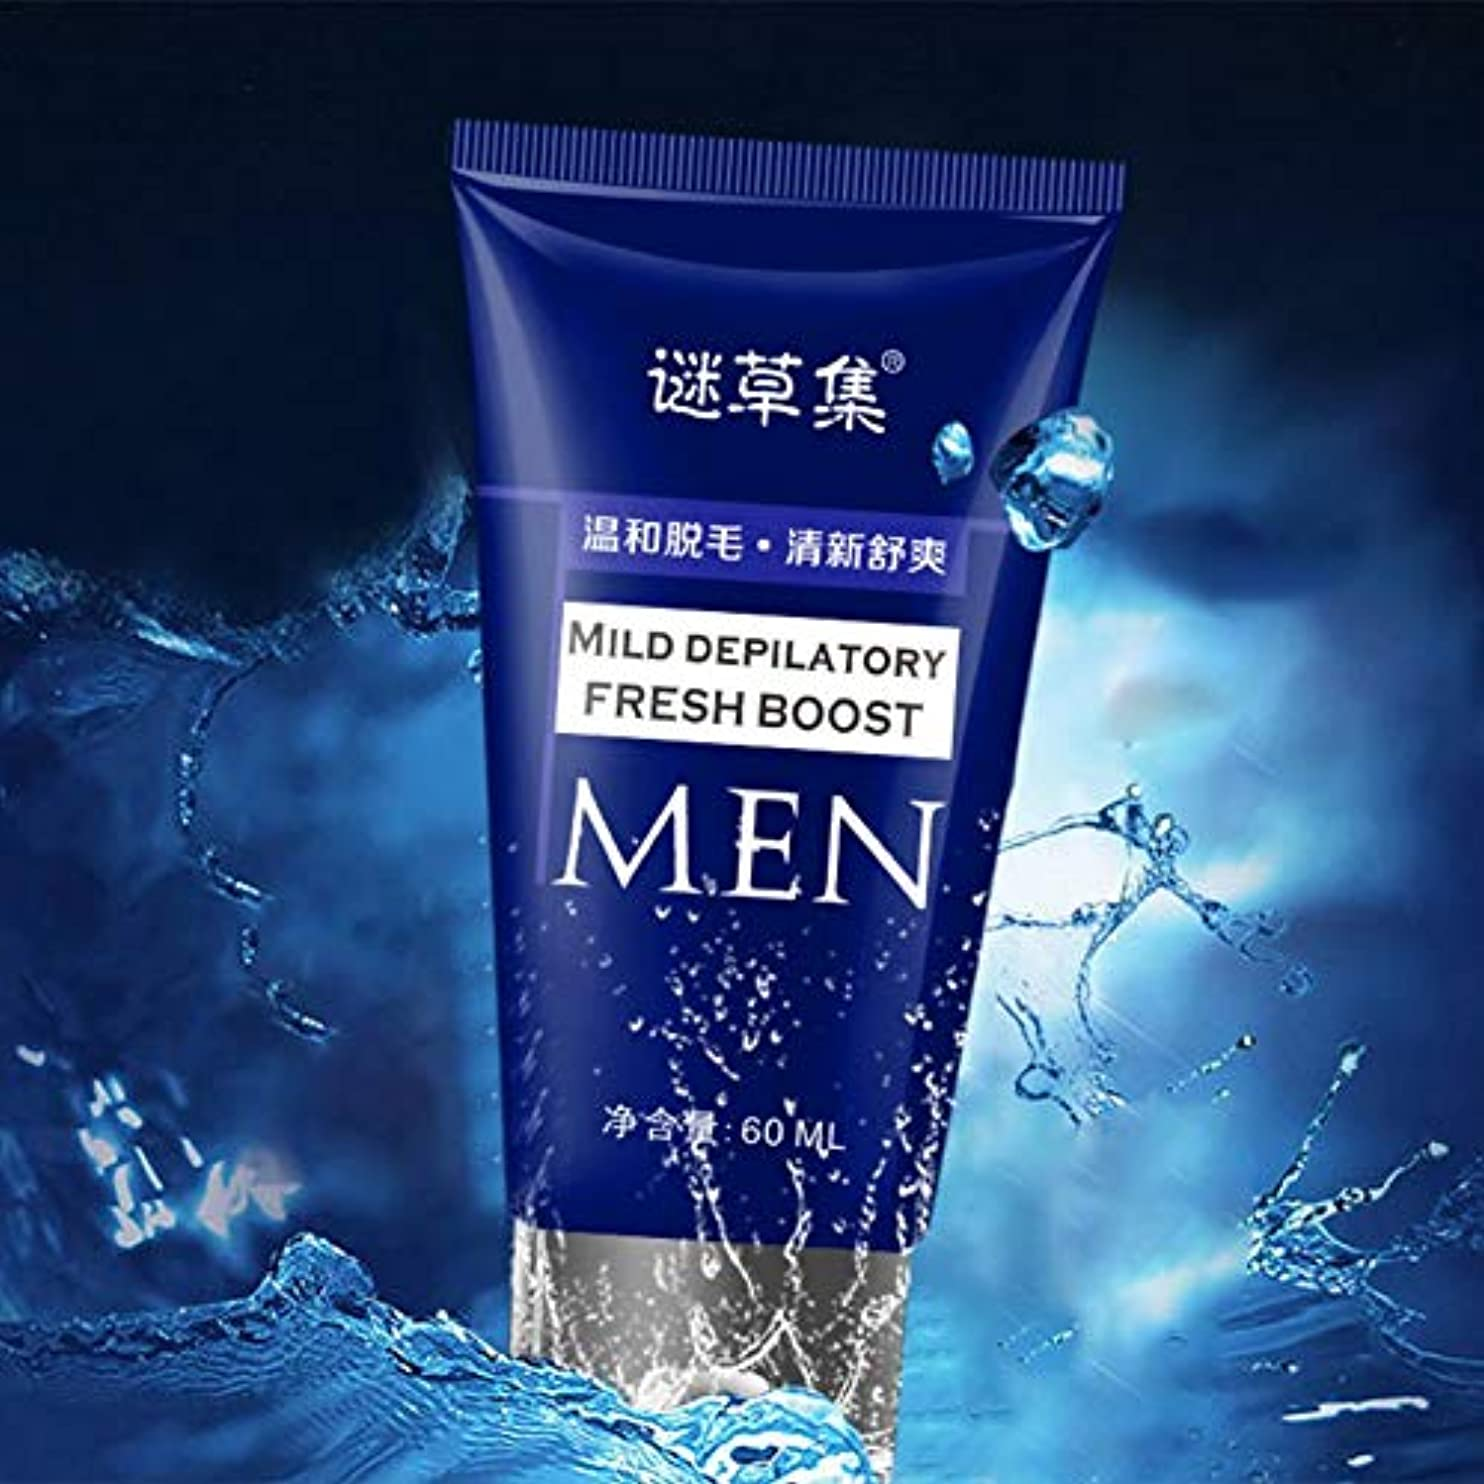 化石オンスリム60ml 薬用除毛剤 除毛 脱毛クリーム 無痛無害 メンズ 敏感肌用 すべての肌タイプ 使用可能